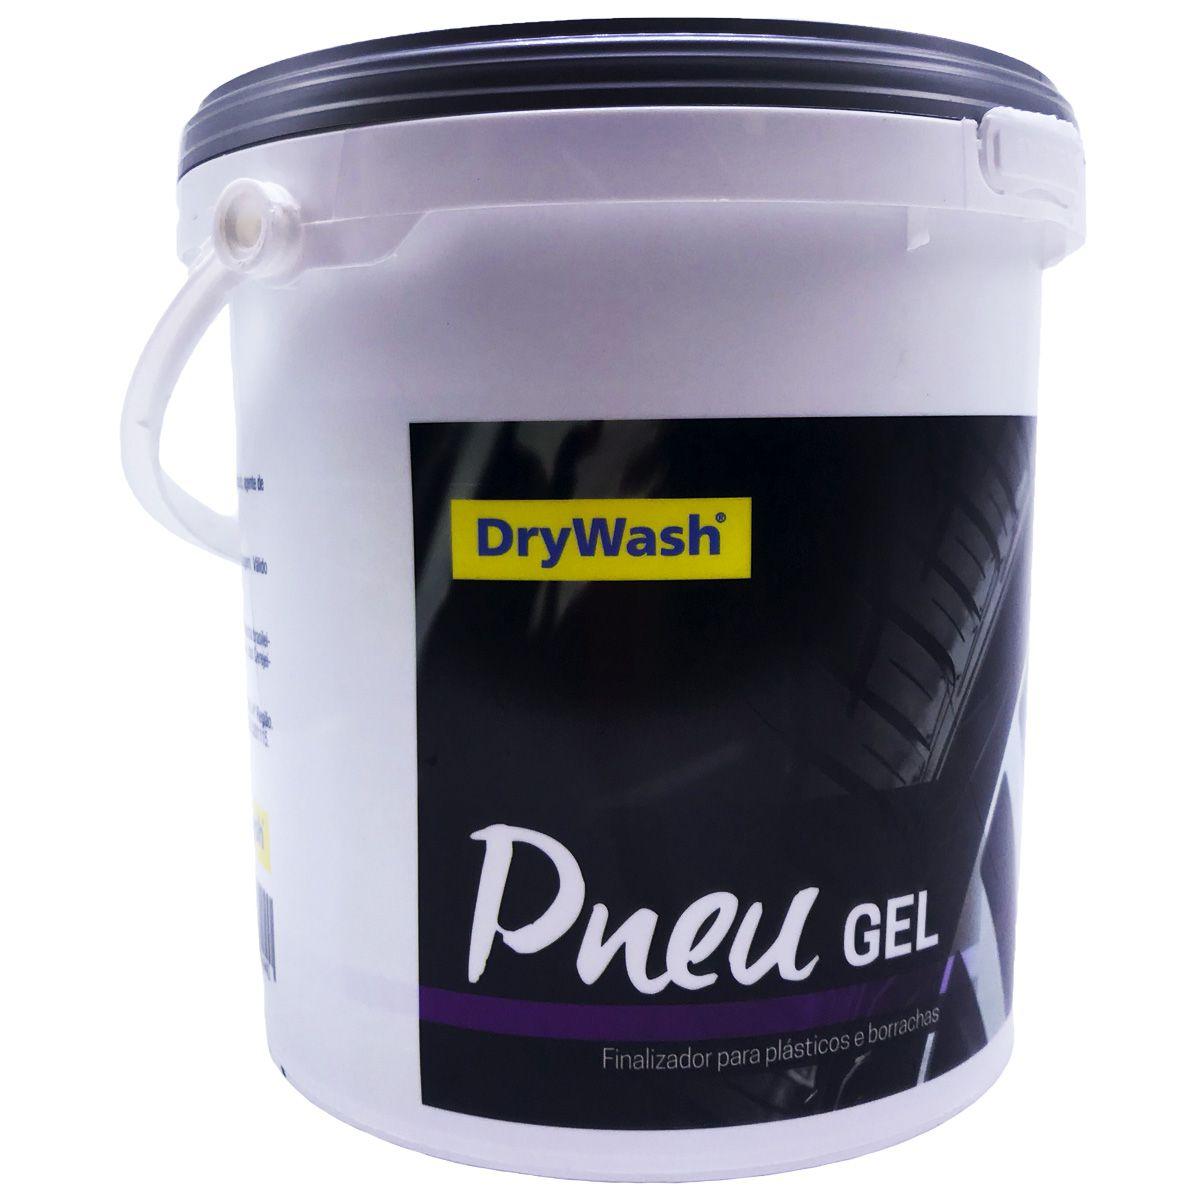 Pneu Gel Drywash 3Kg